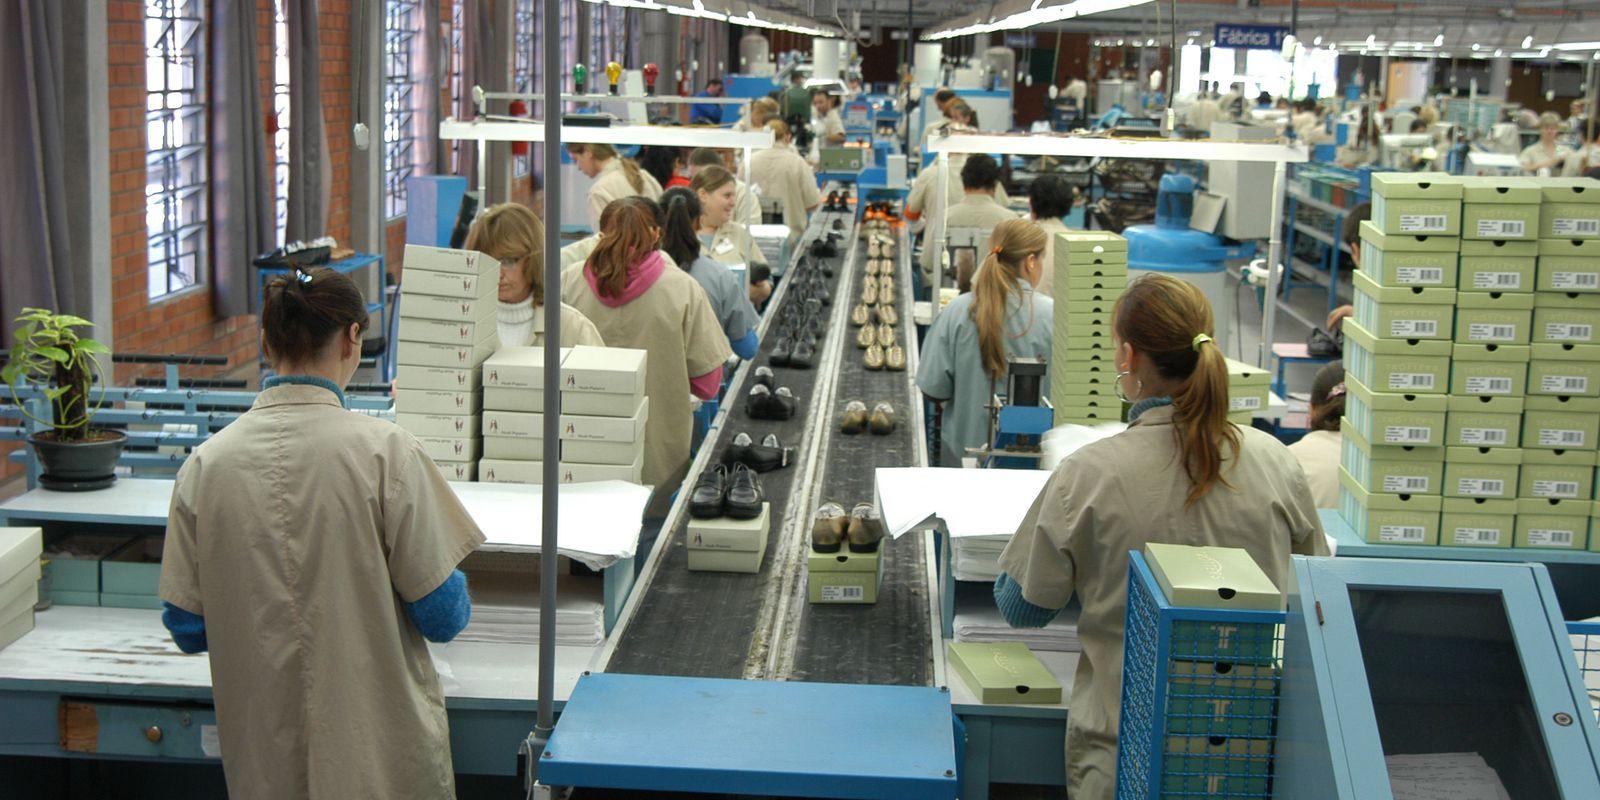 Indústria Wirth Calçados Dois Irmãos (RS) 14.04.2006 - Foto: Miguel Ângelo